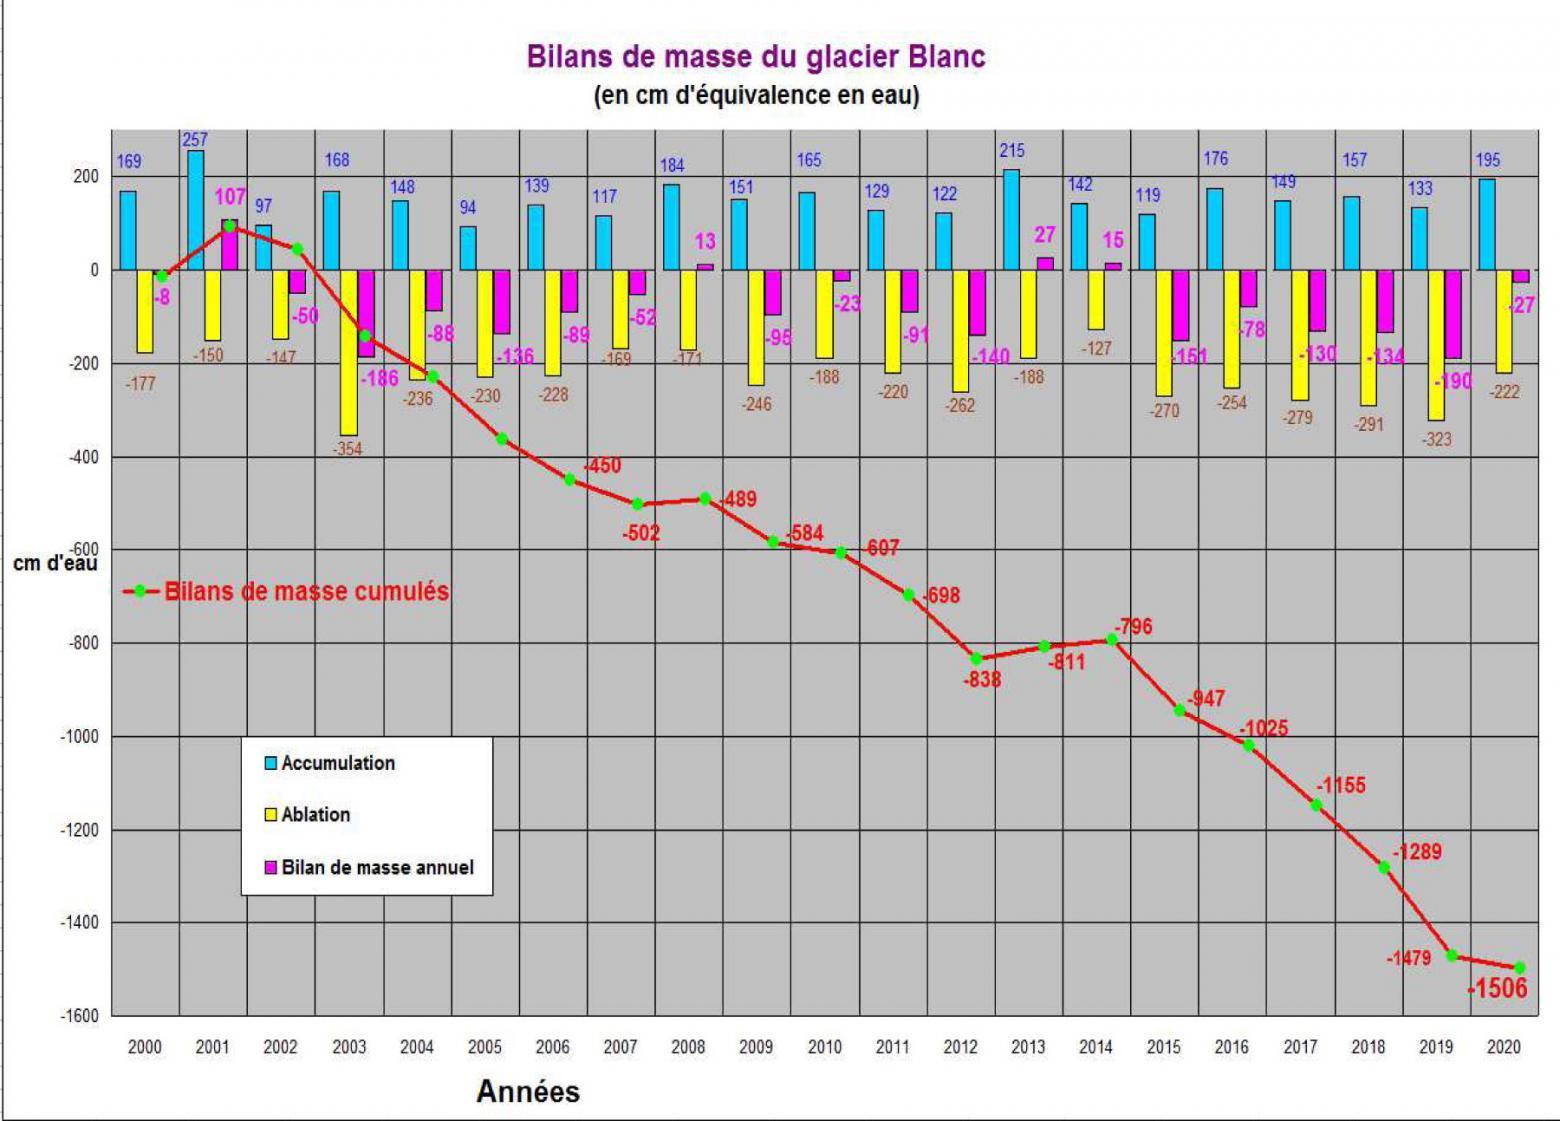 Bilan de masse du glacier Blanc 2000 - 2020 © Parc national des Ecrins